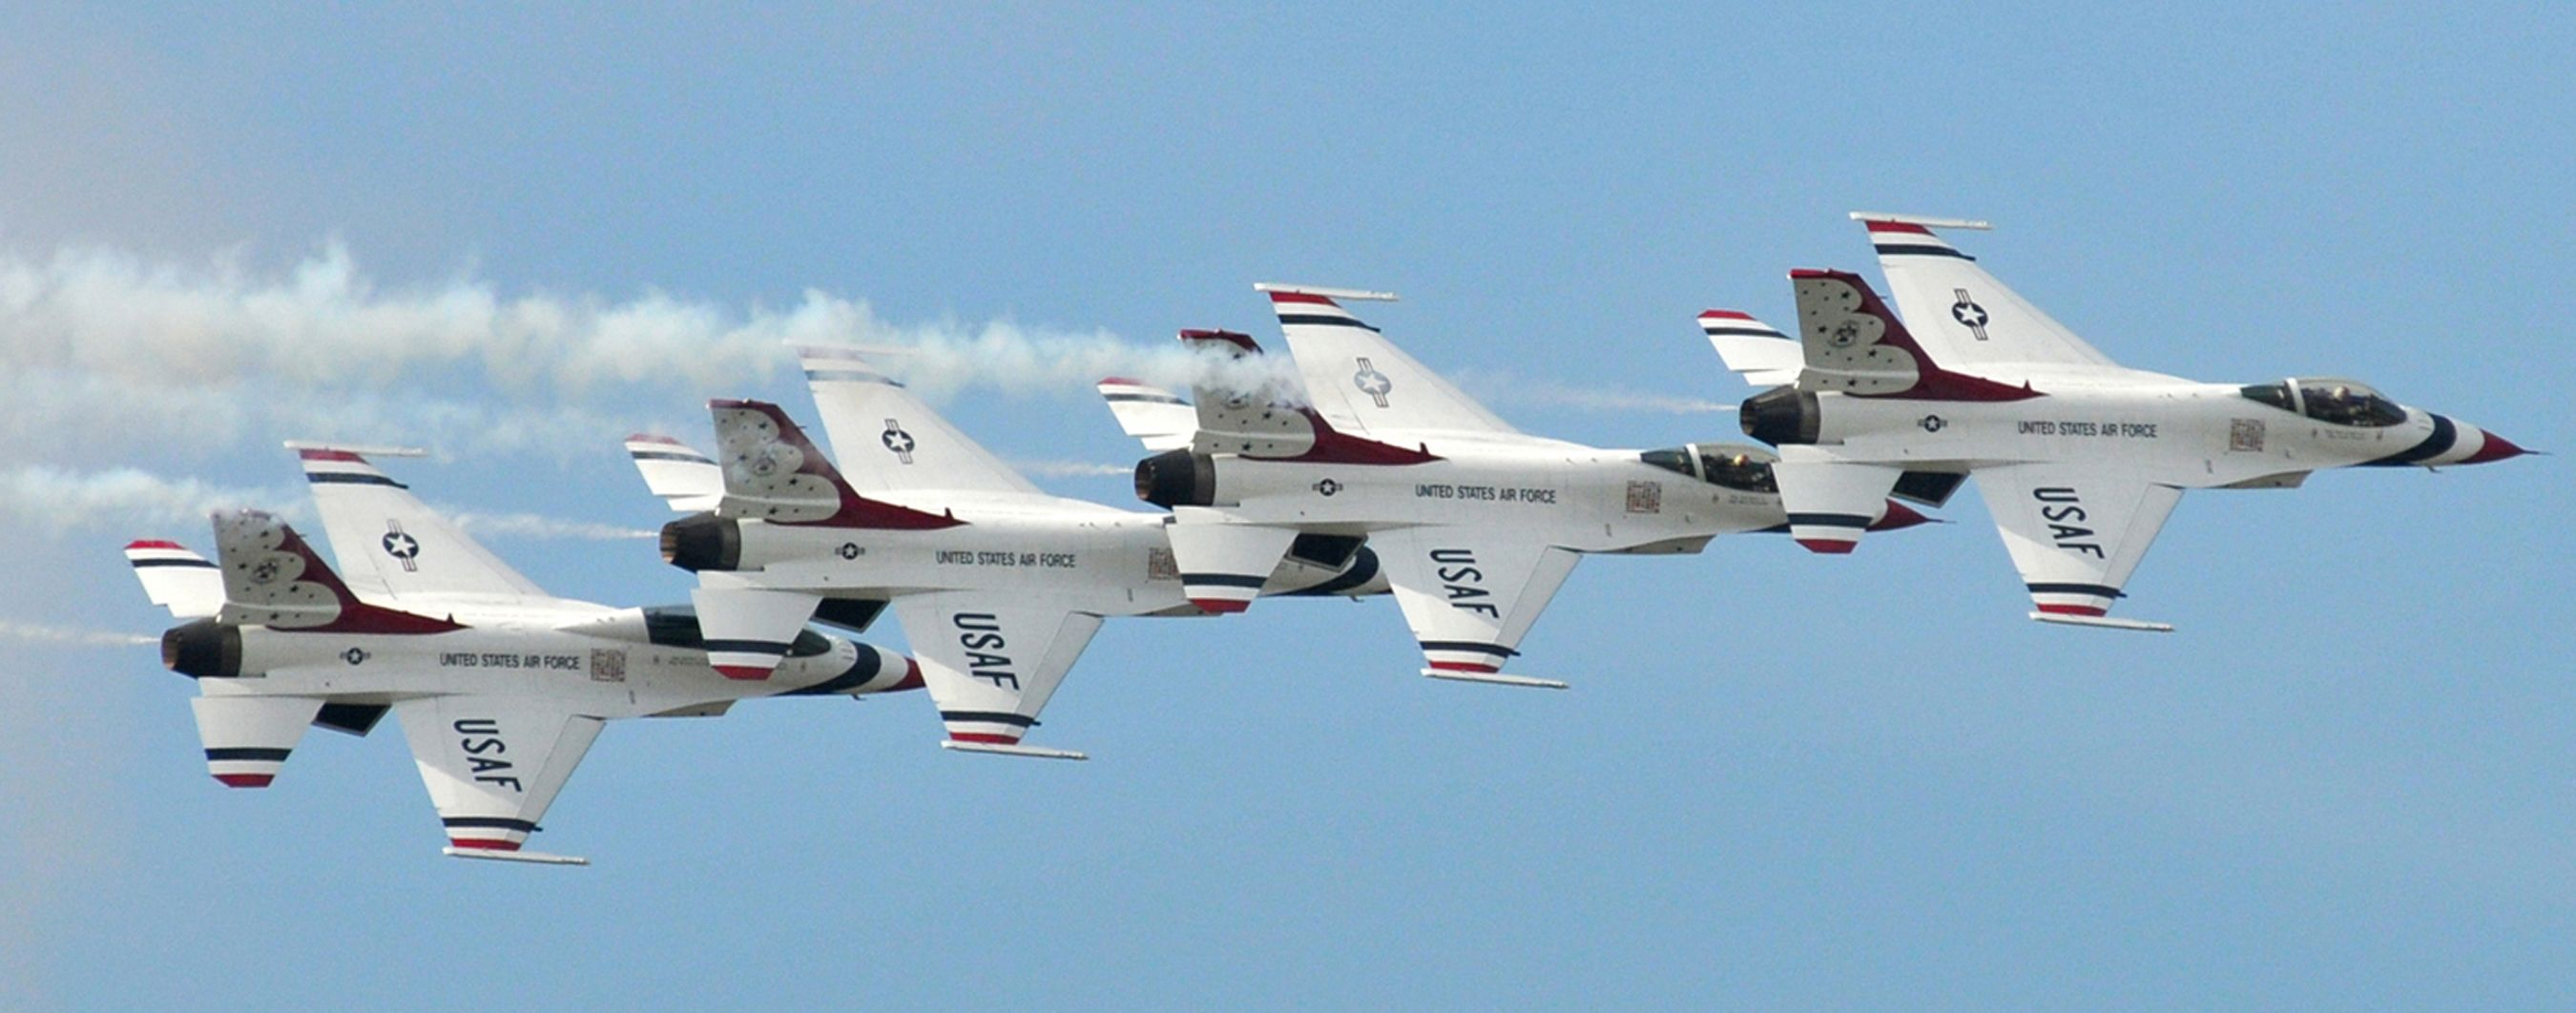 air force thunderbirds Google Search Usaf thunderbirds